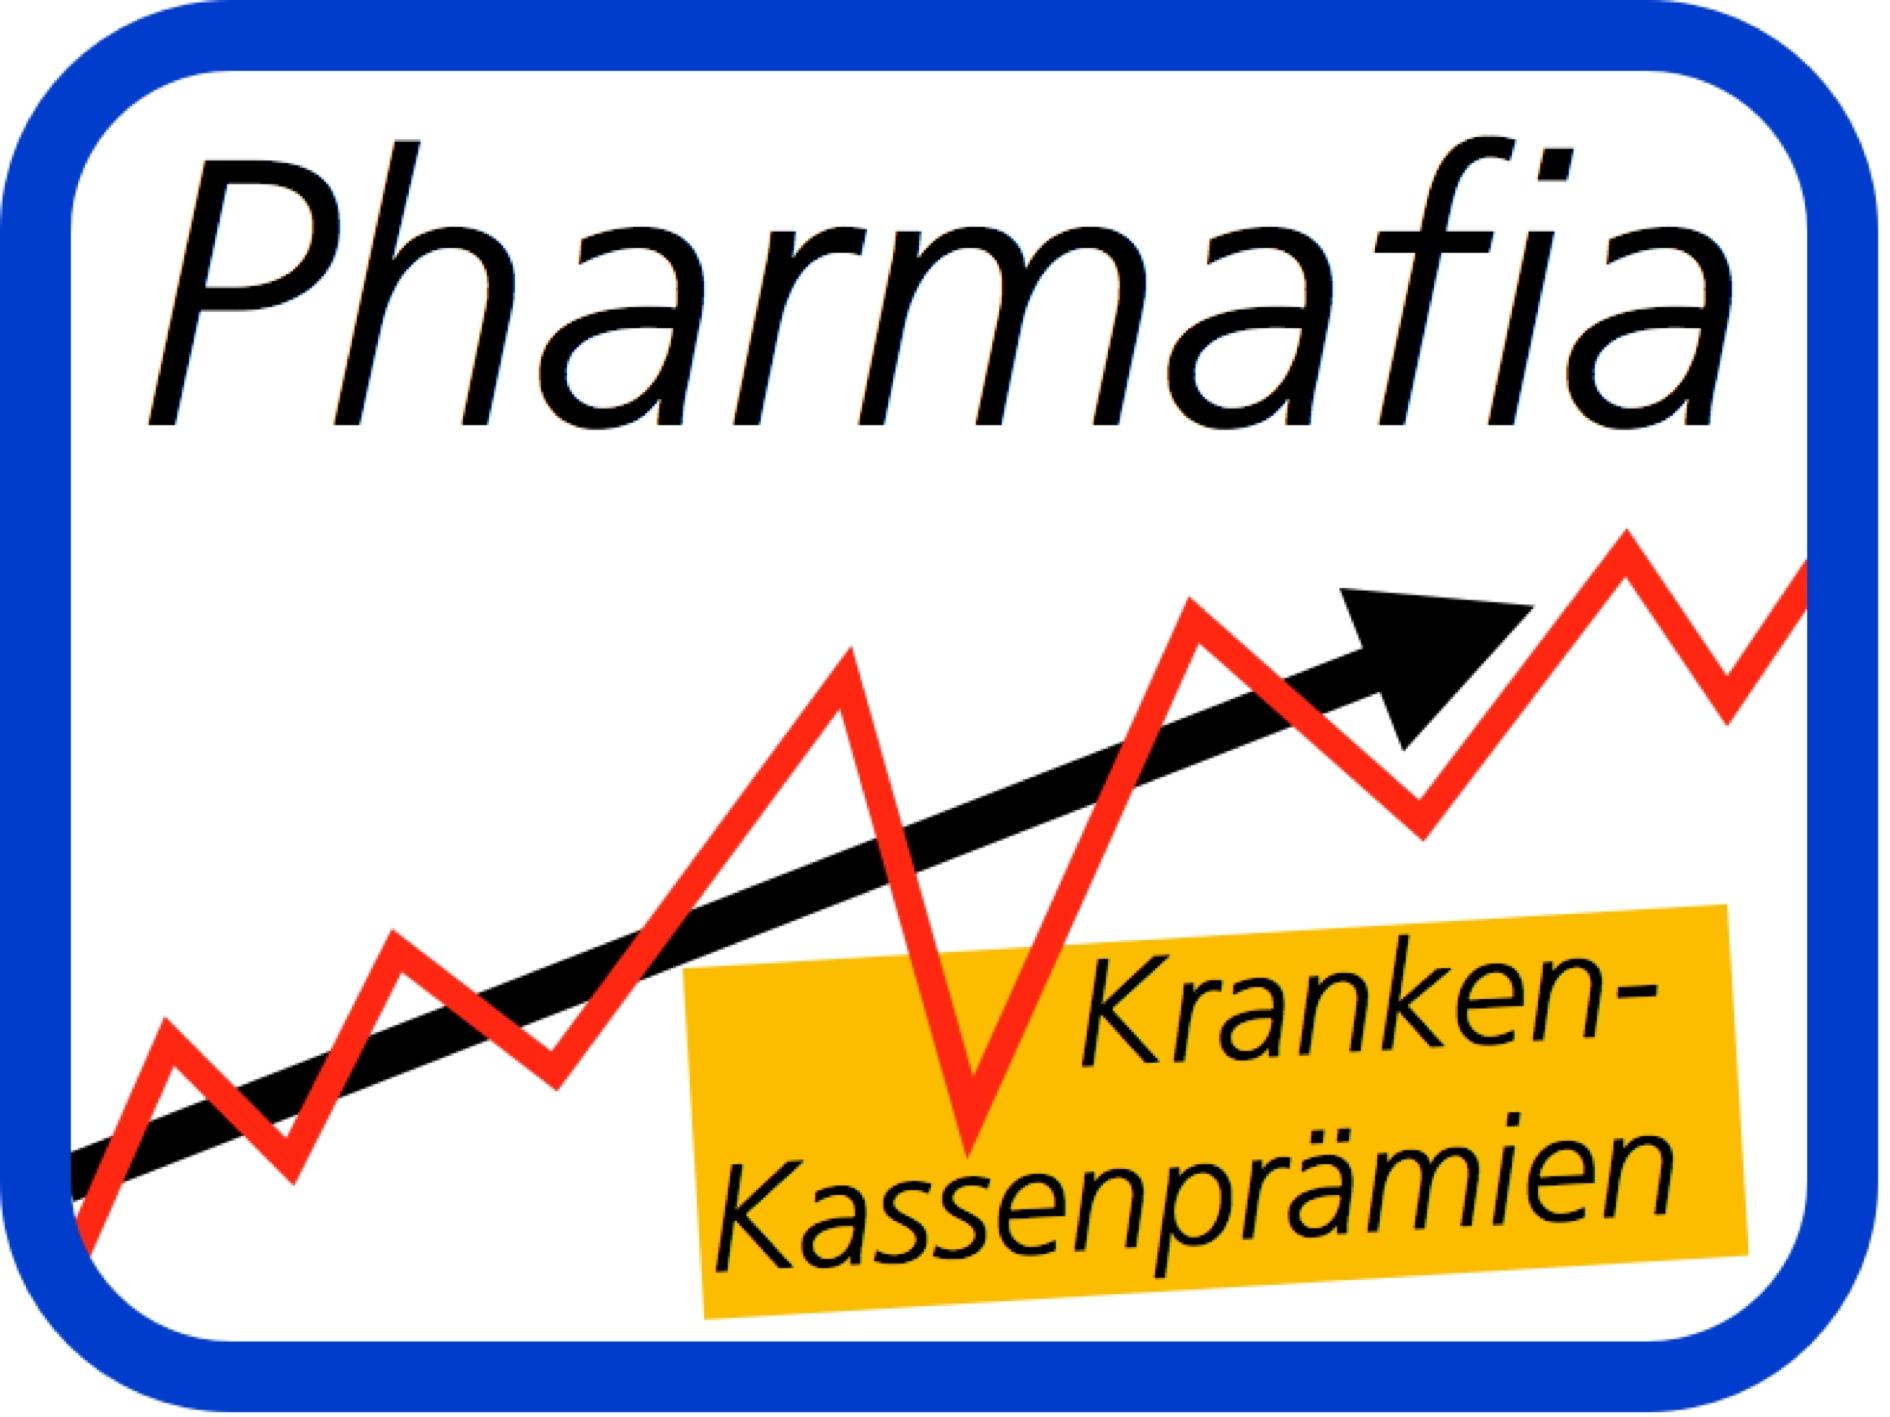 Pharmafia Kranken- Kassenprämien